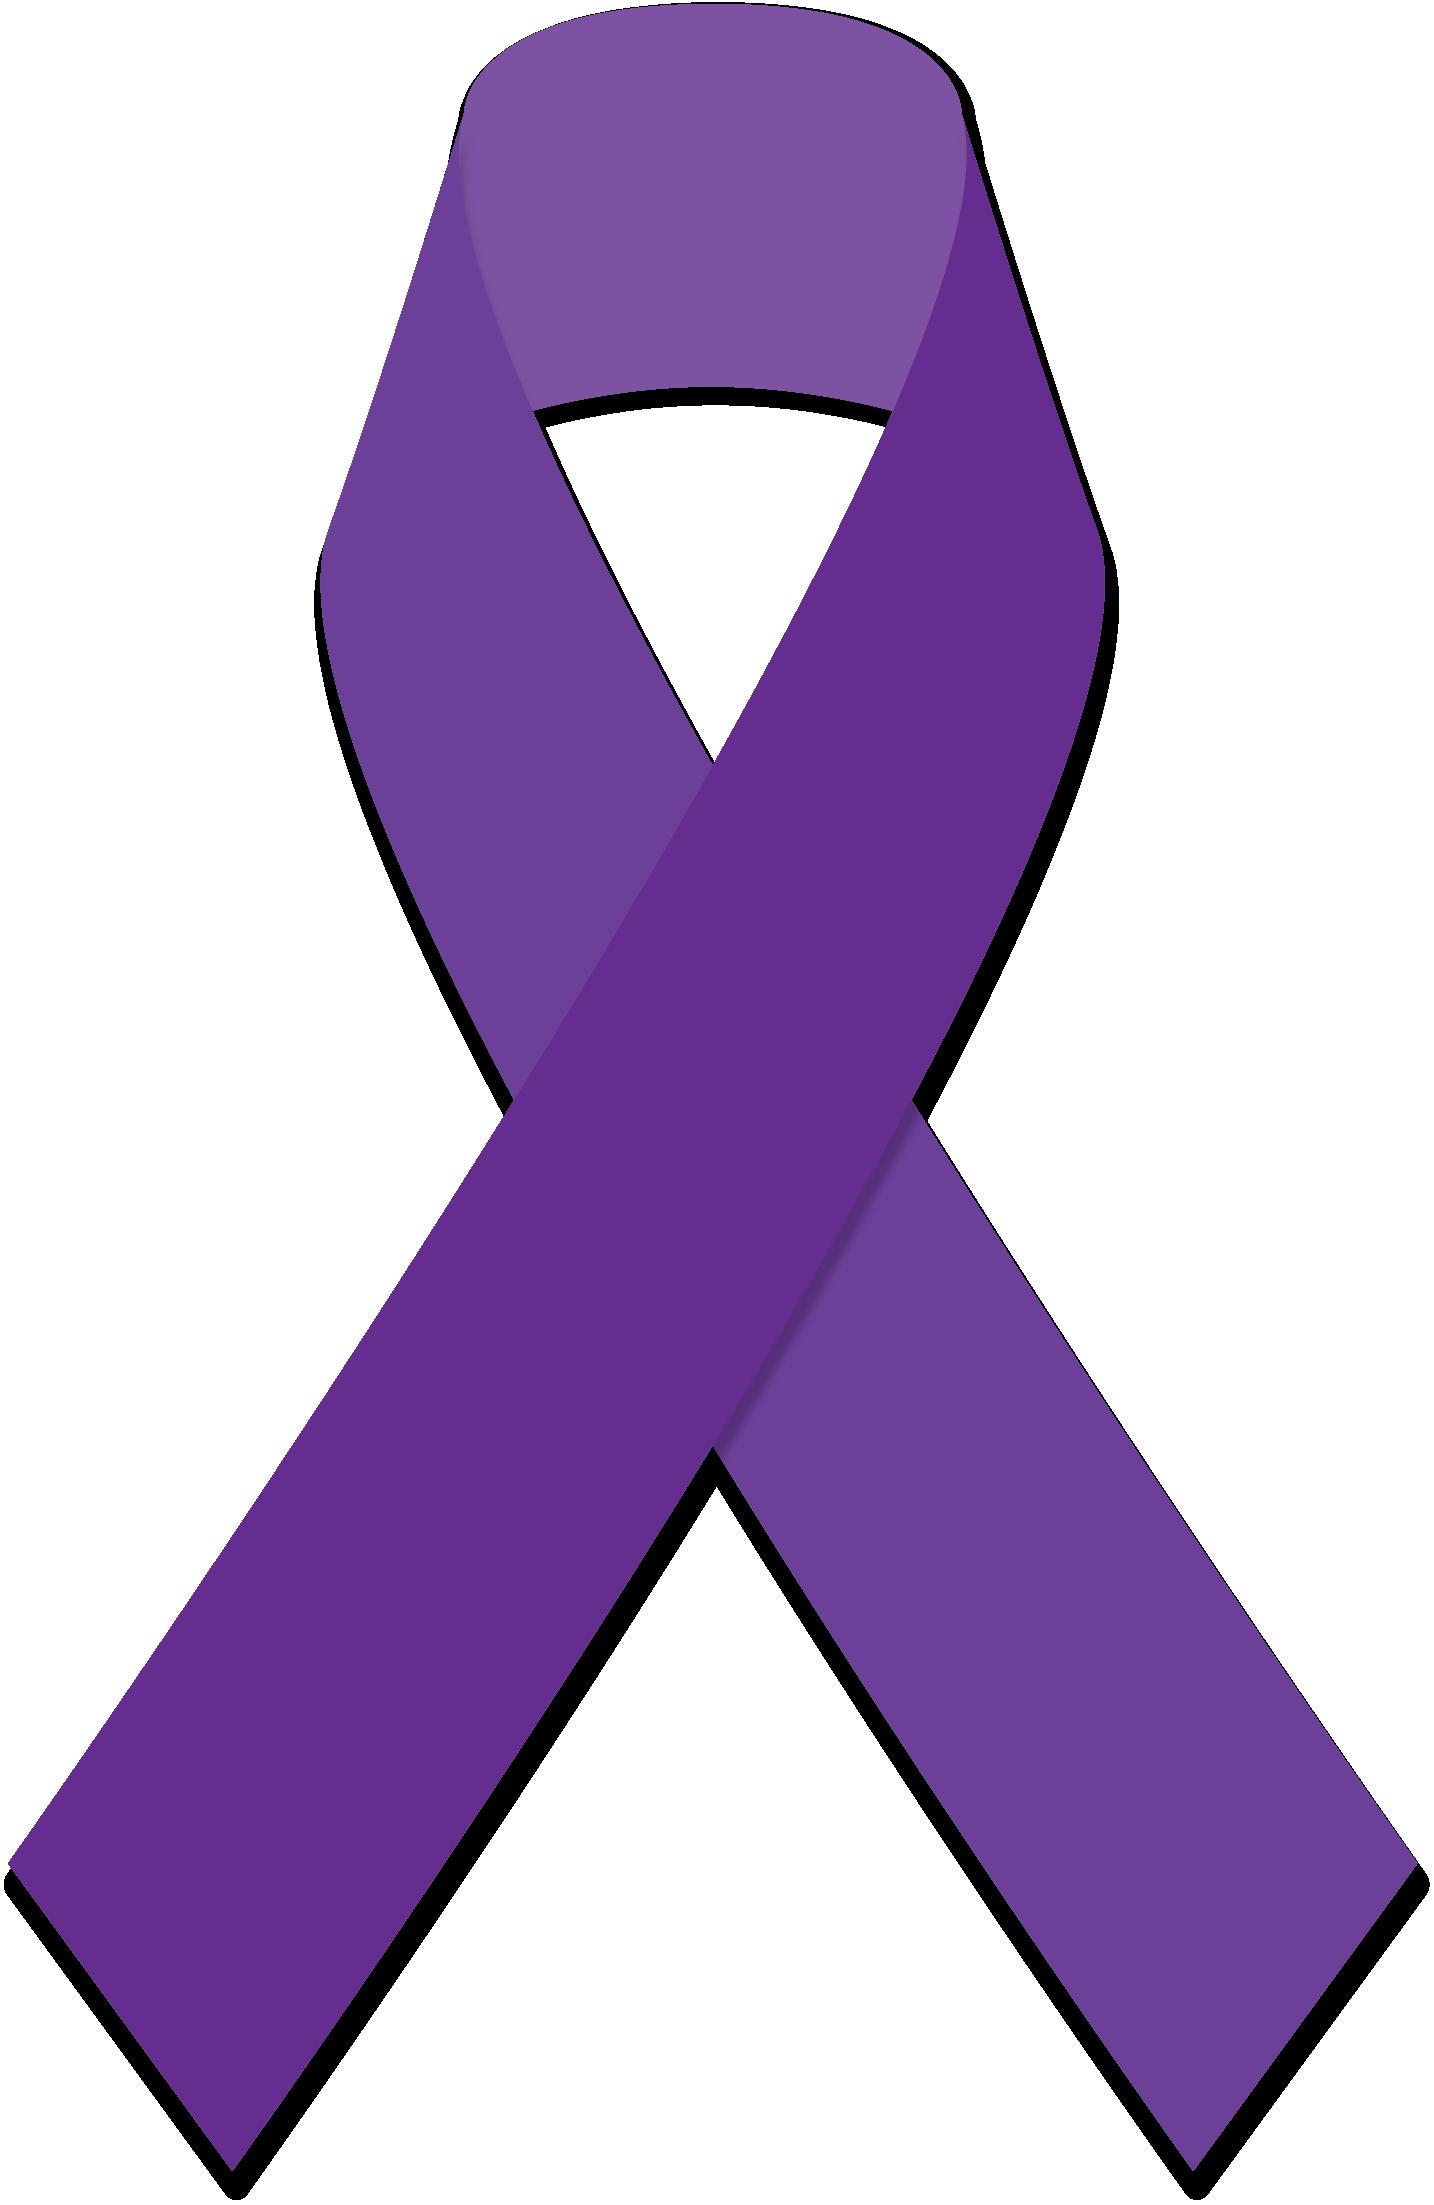 Purple awareness ribbons